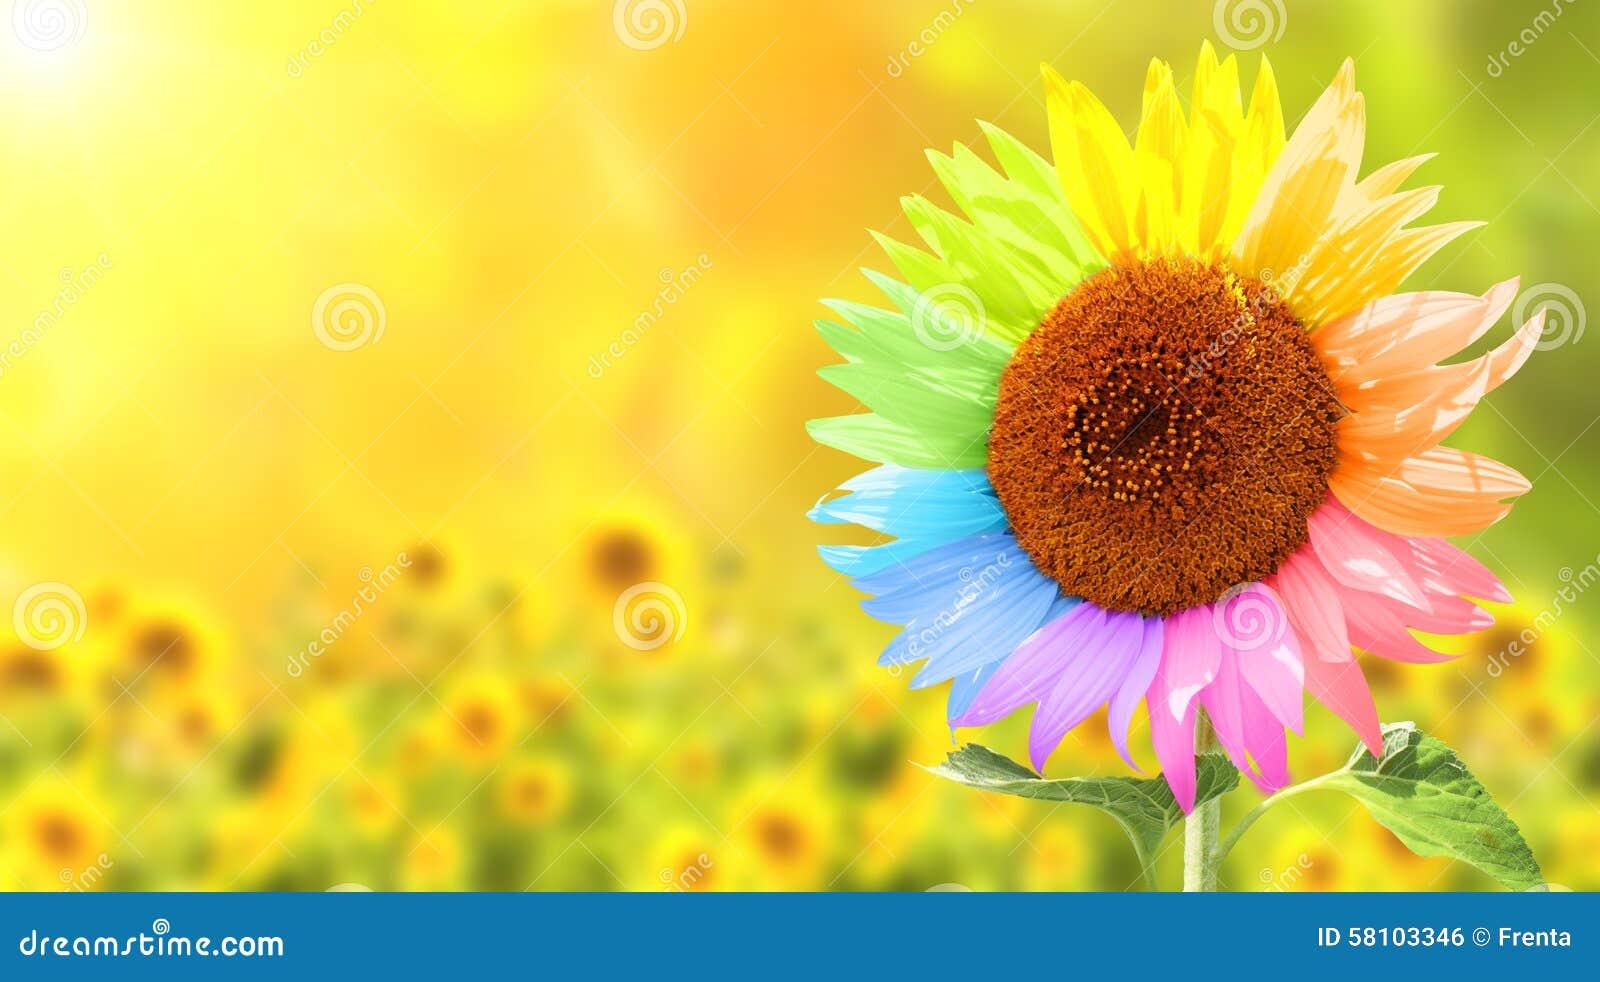 Sonnenblume Gemalt In Den Verschiedenen Farben Stockfoto - Bild von ...